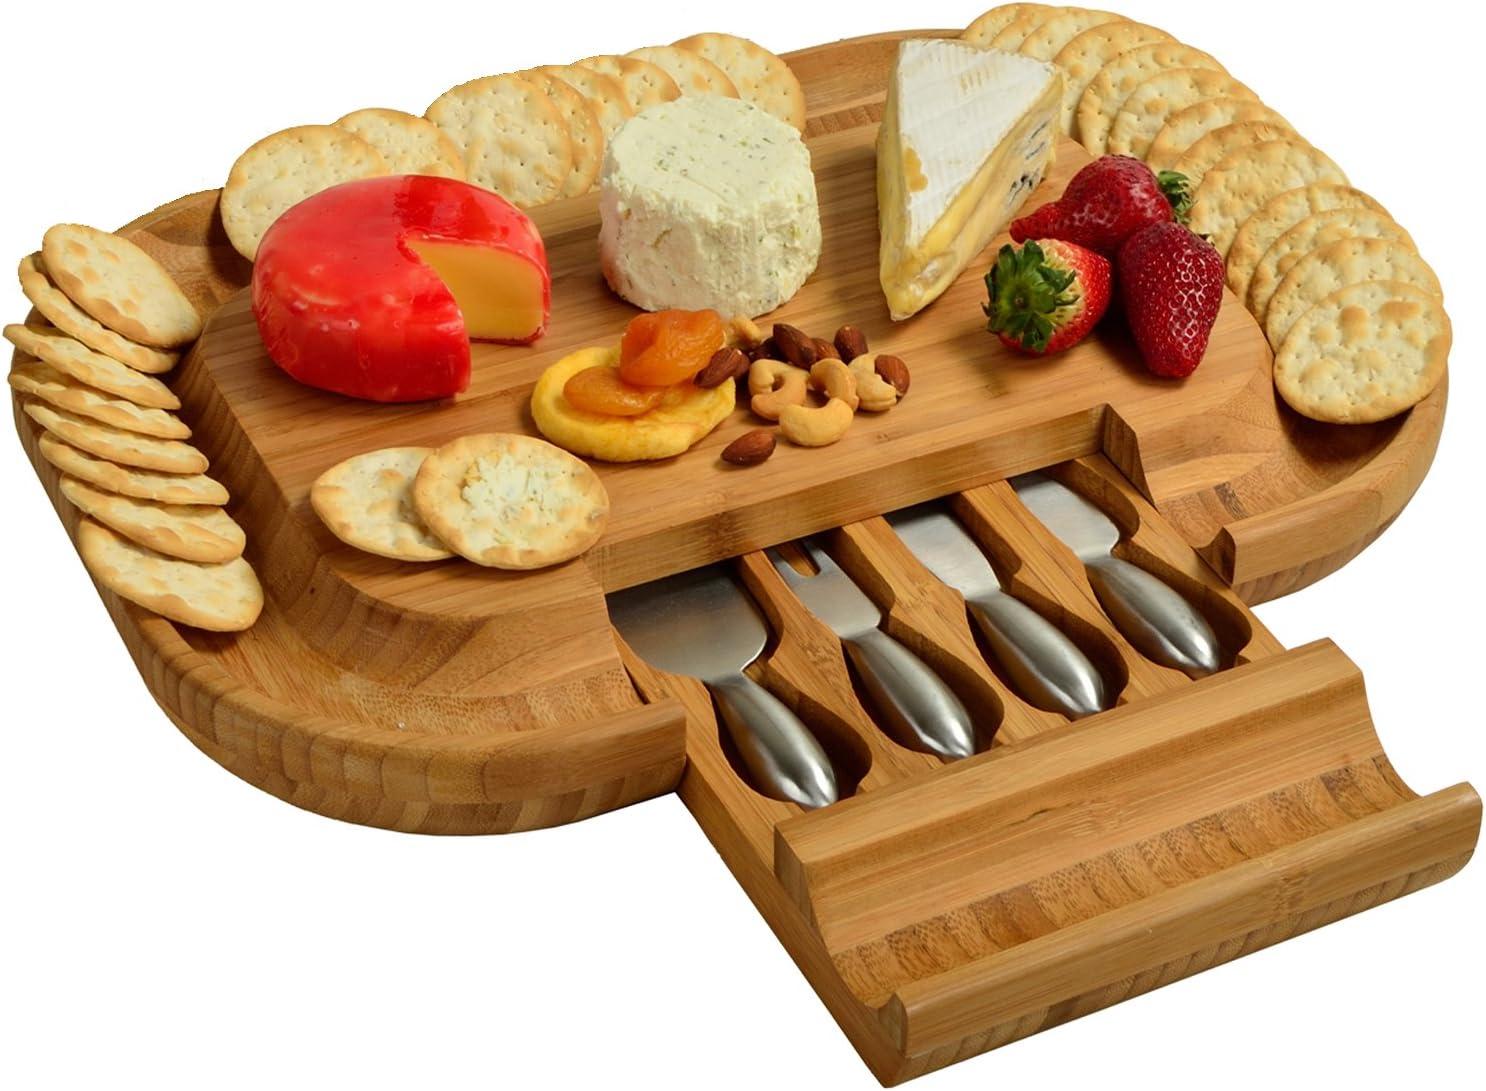 Picnic at Ascot Deluxe Malvern Cheese Board CB39